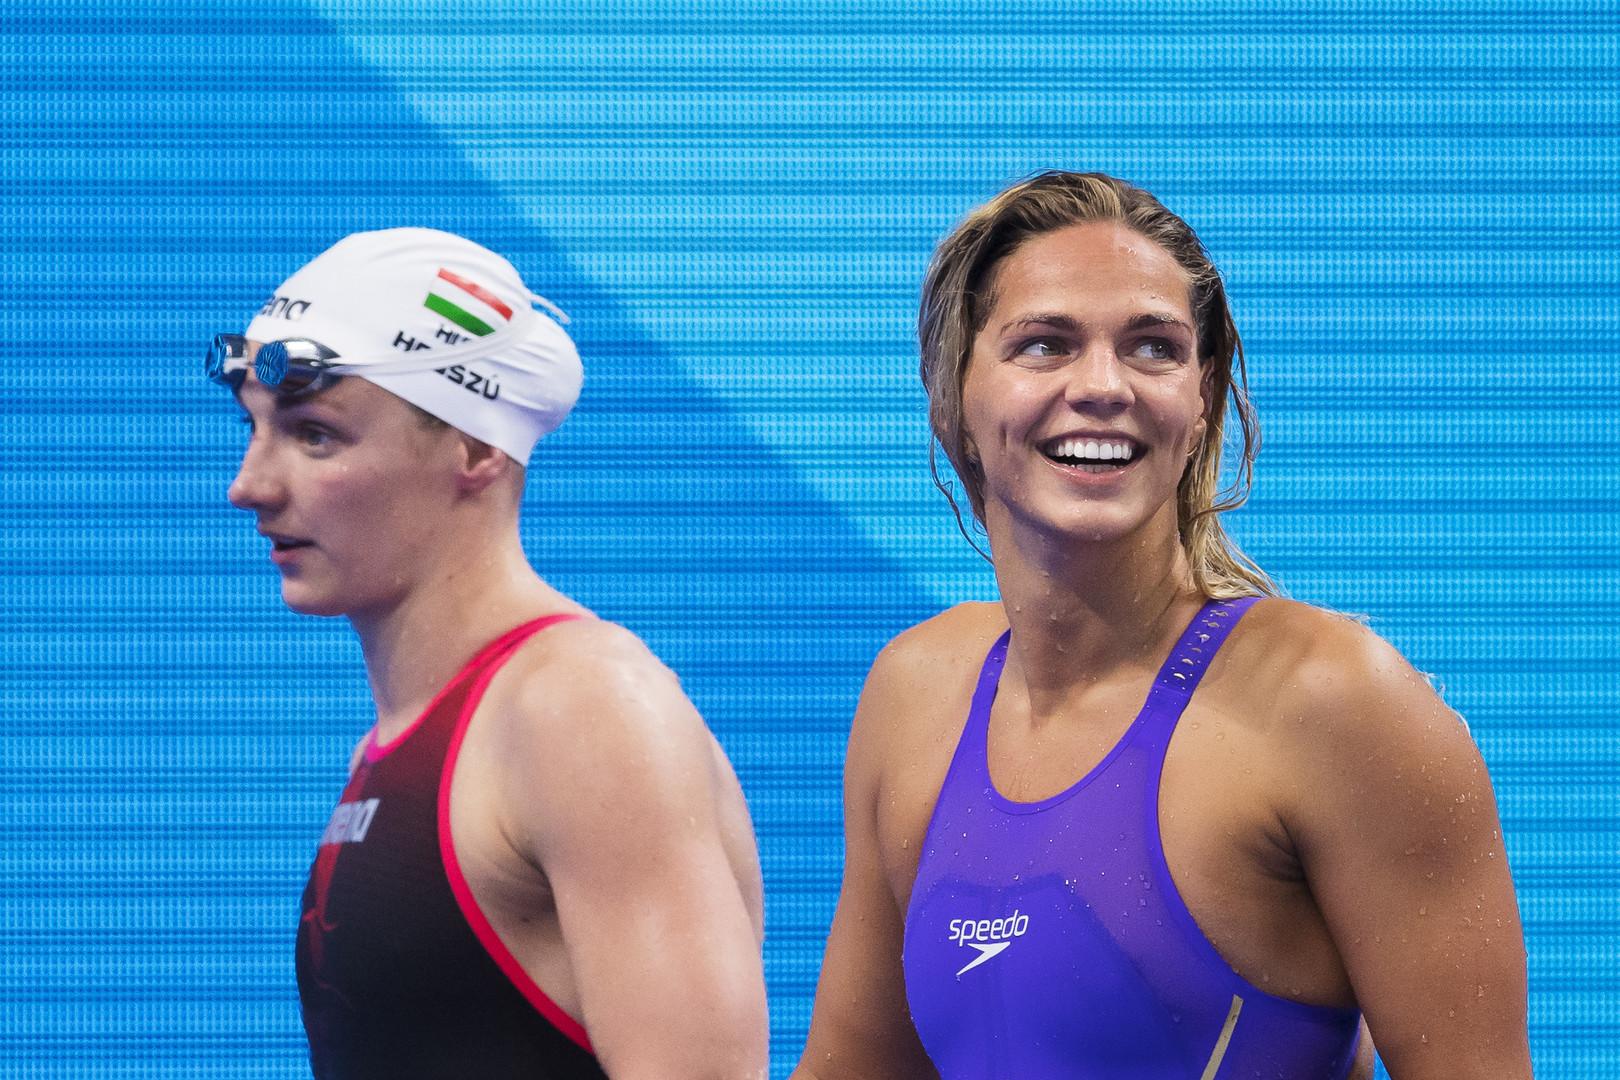 Протест из-за тайм-аута и проверка на допинг в 5 утра: с чем сталкивается сборная России на ЧМ по водным видам спорта